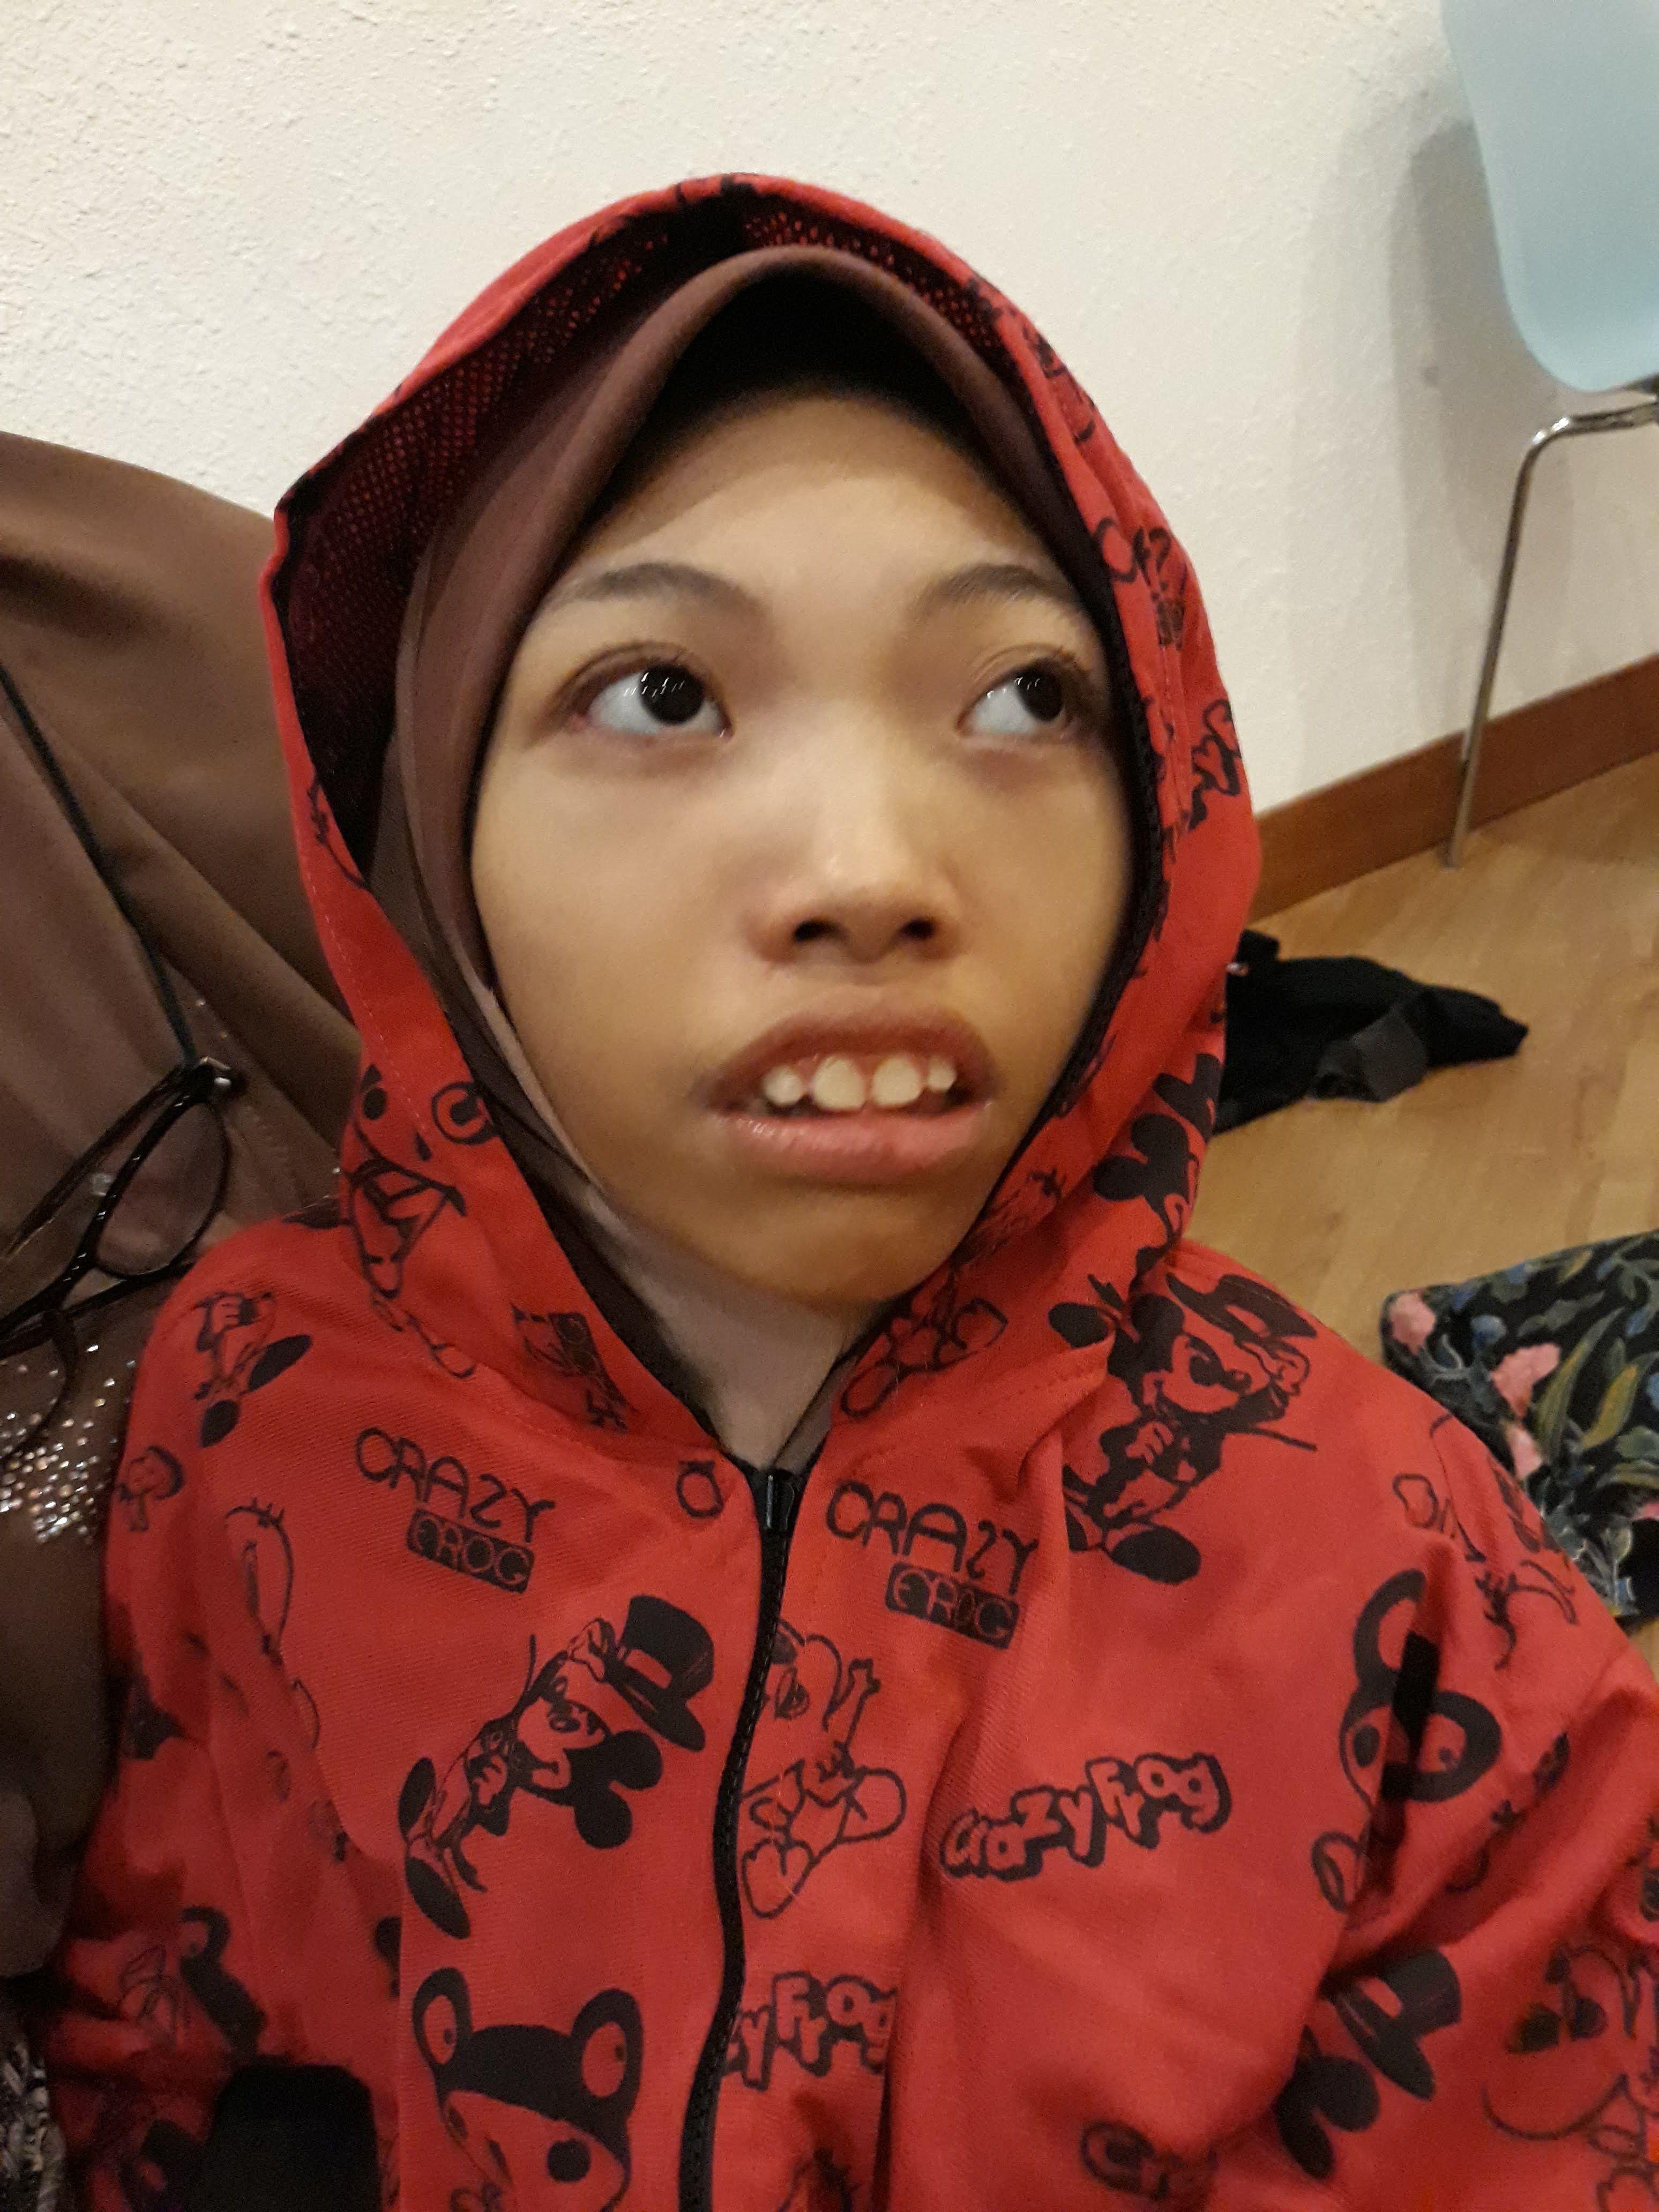 Nurul Ain Binti Shaari memakai jaket yang mempunyai hud, berwarna merah dan bergambar kartun Mickey Mouse.